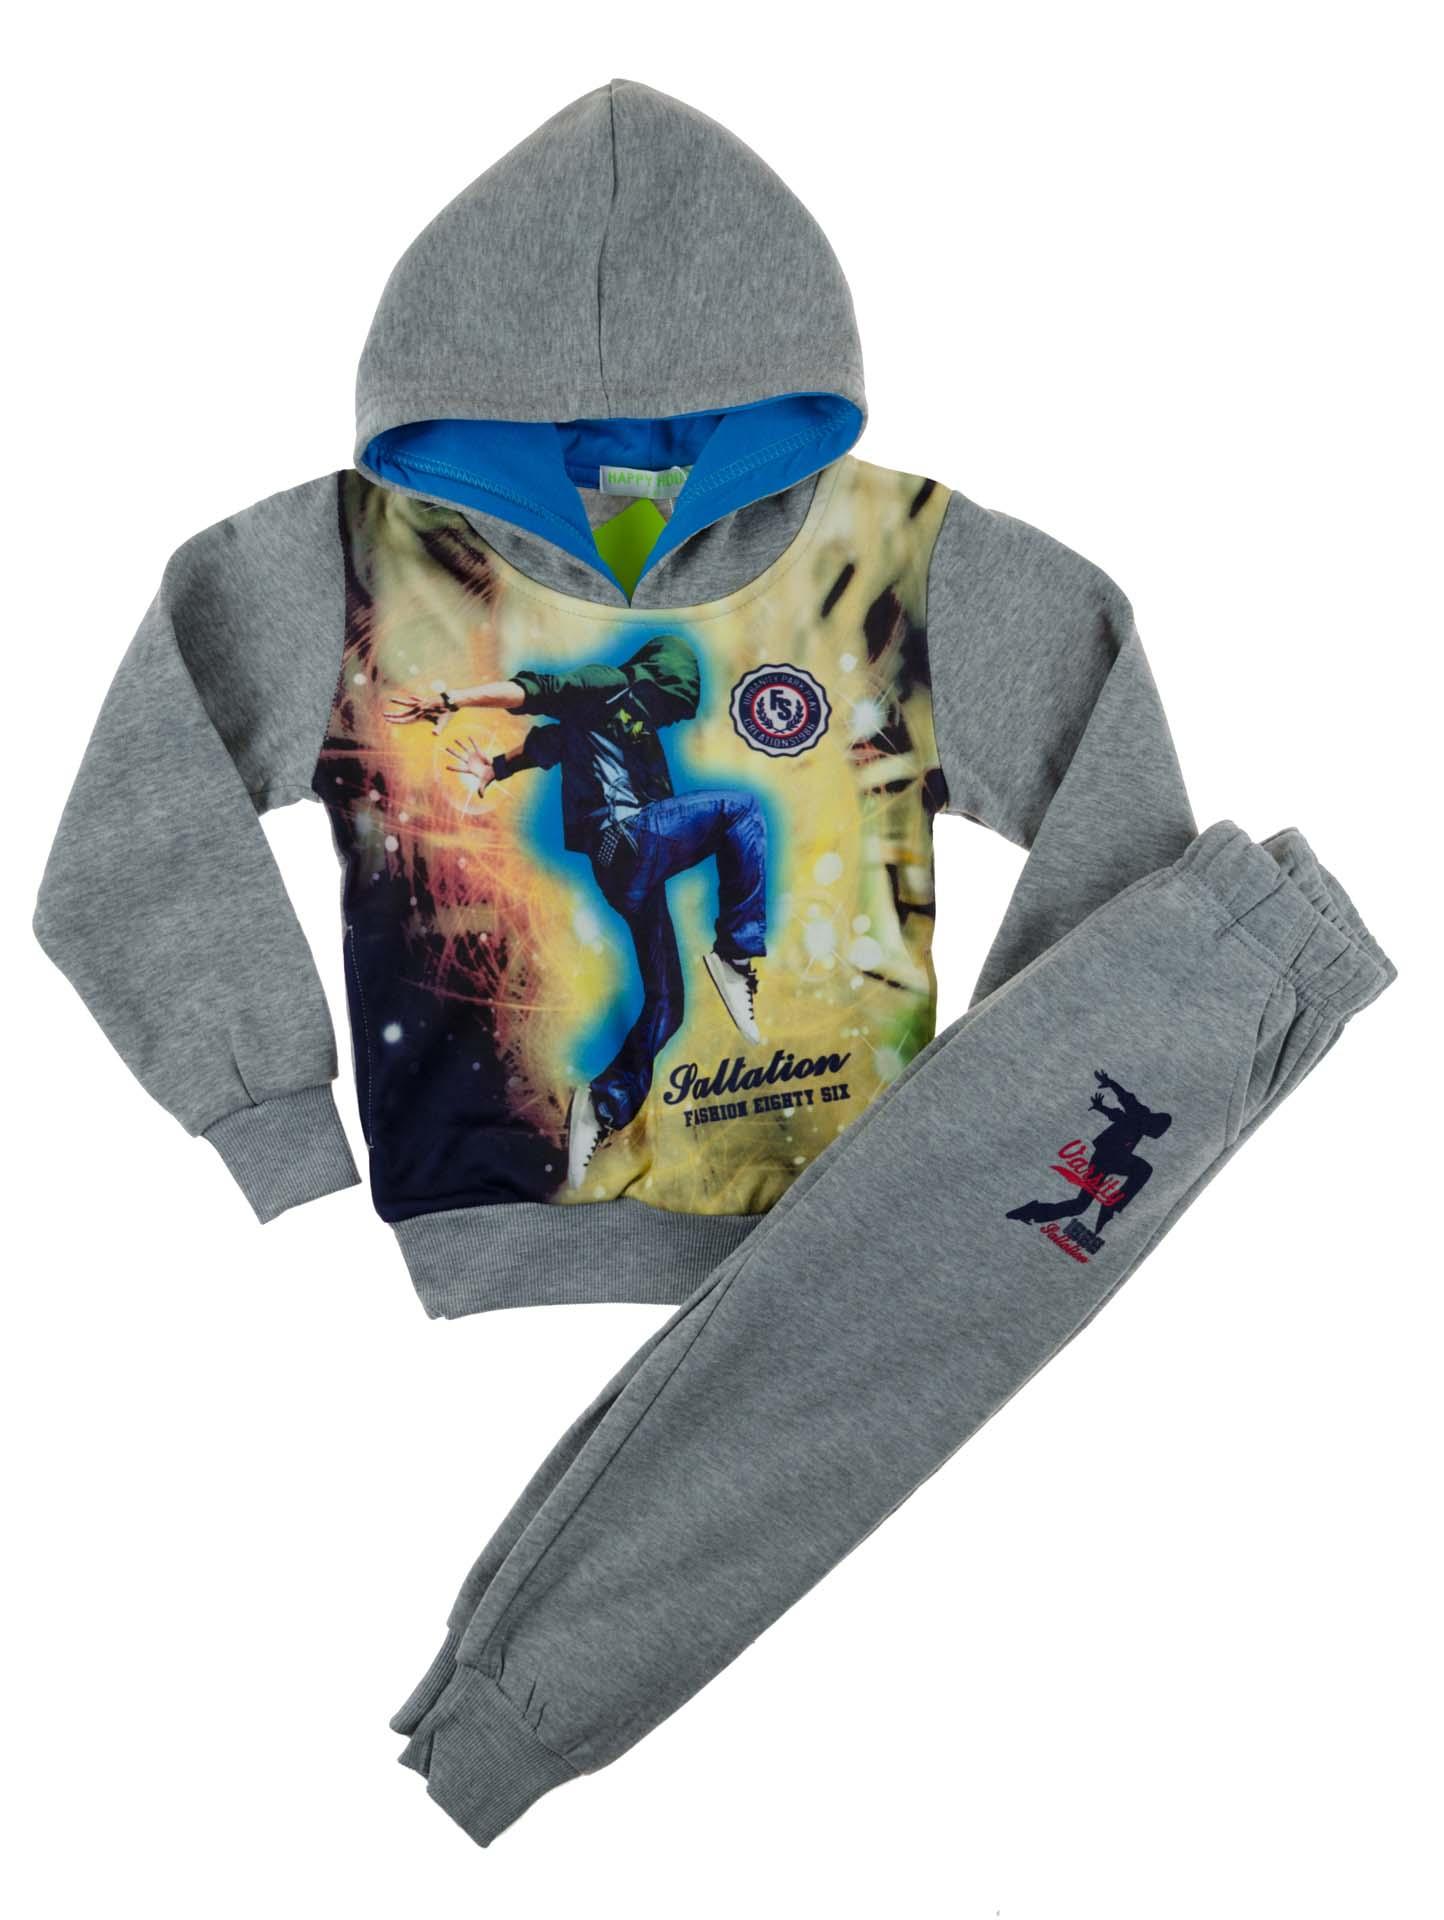 fb672c4924f84a Купити Теплий спортивний костюм | Top Shelf | Інтернет-магазин дитячого  одягу в Україні